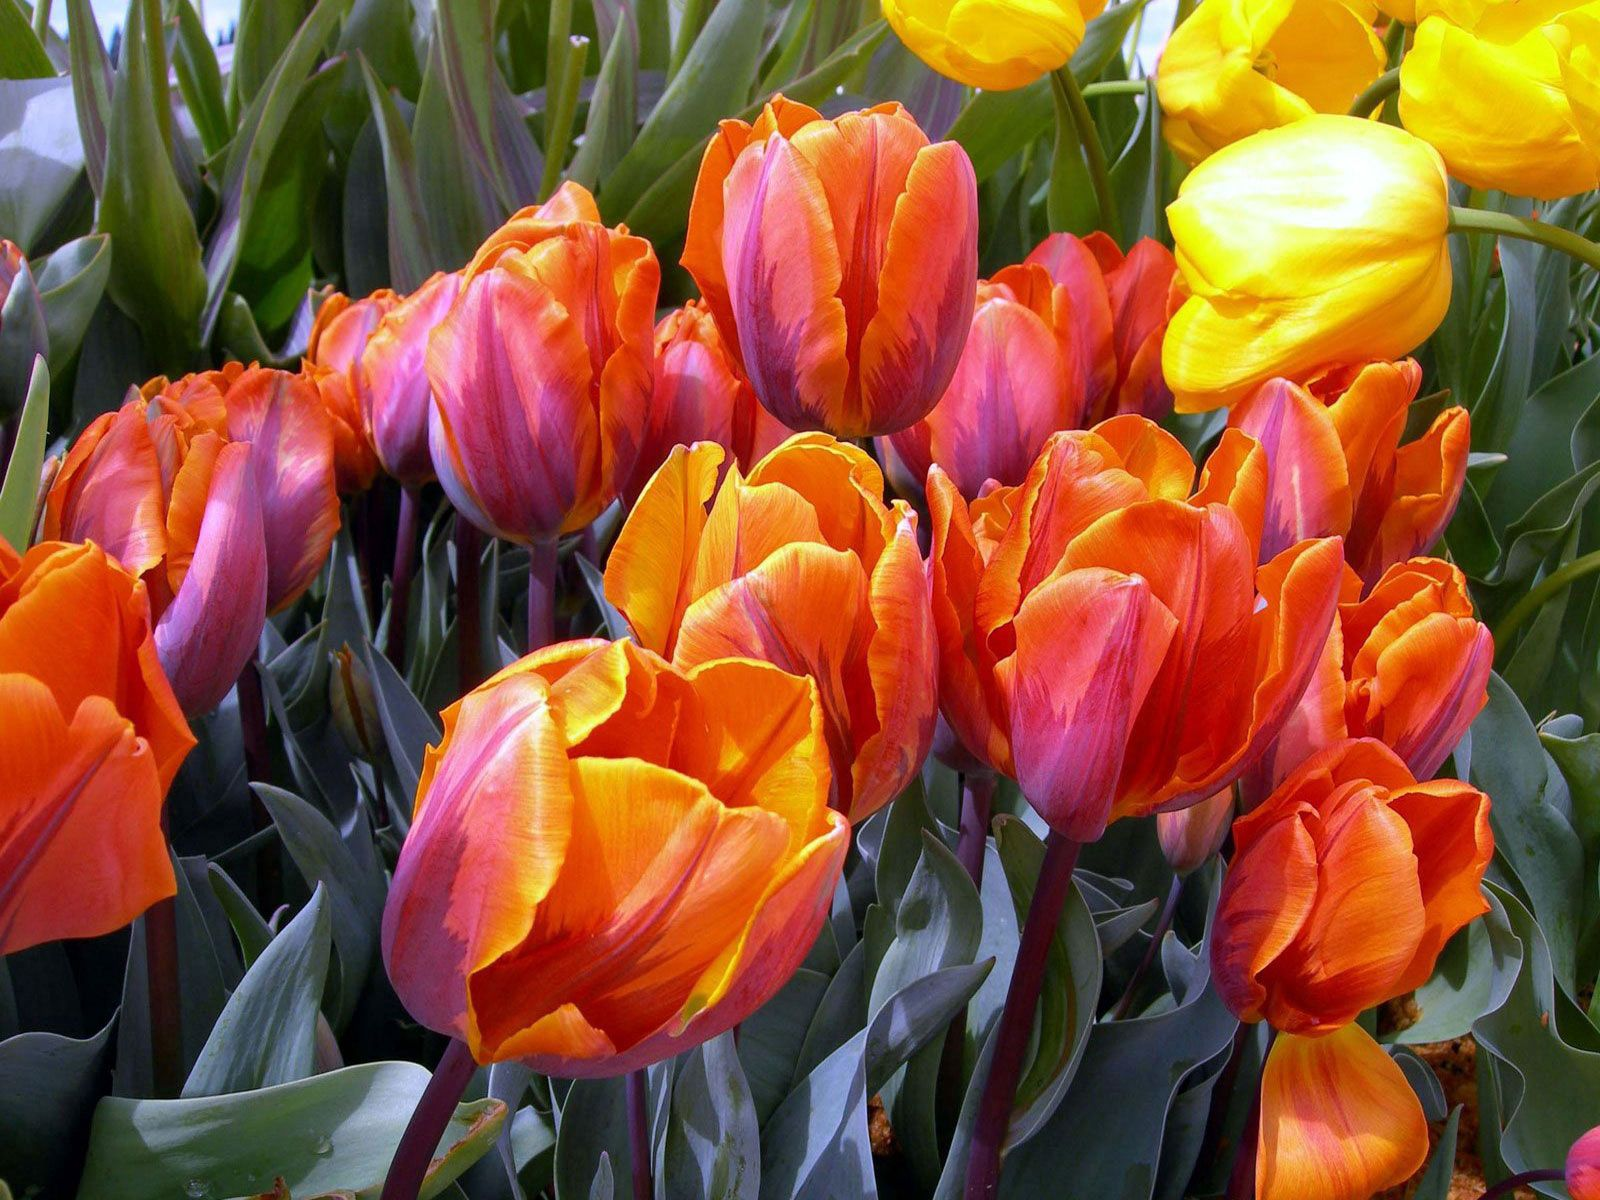 68206 descargar fondo de pantalla Flores, Cogollos, Brotes, Disuelto, Suelto, Tulipanes: protectores de pantalla e imágenes gratis